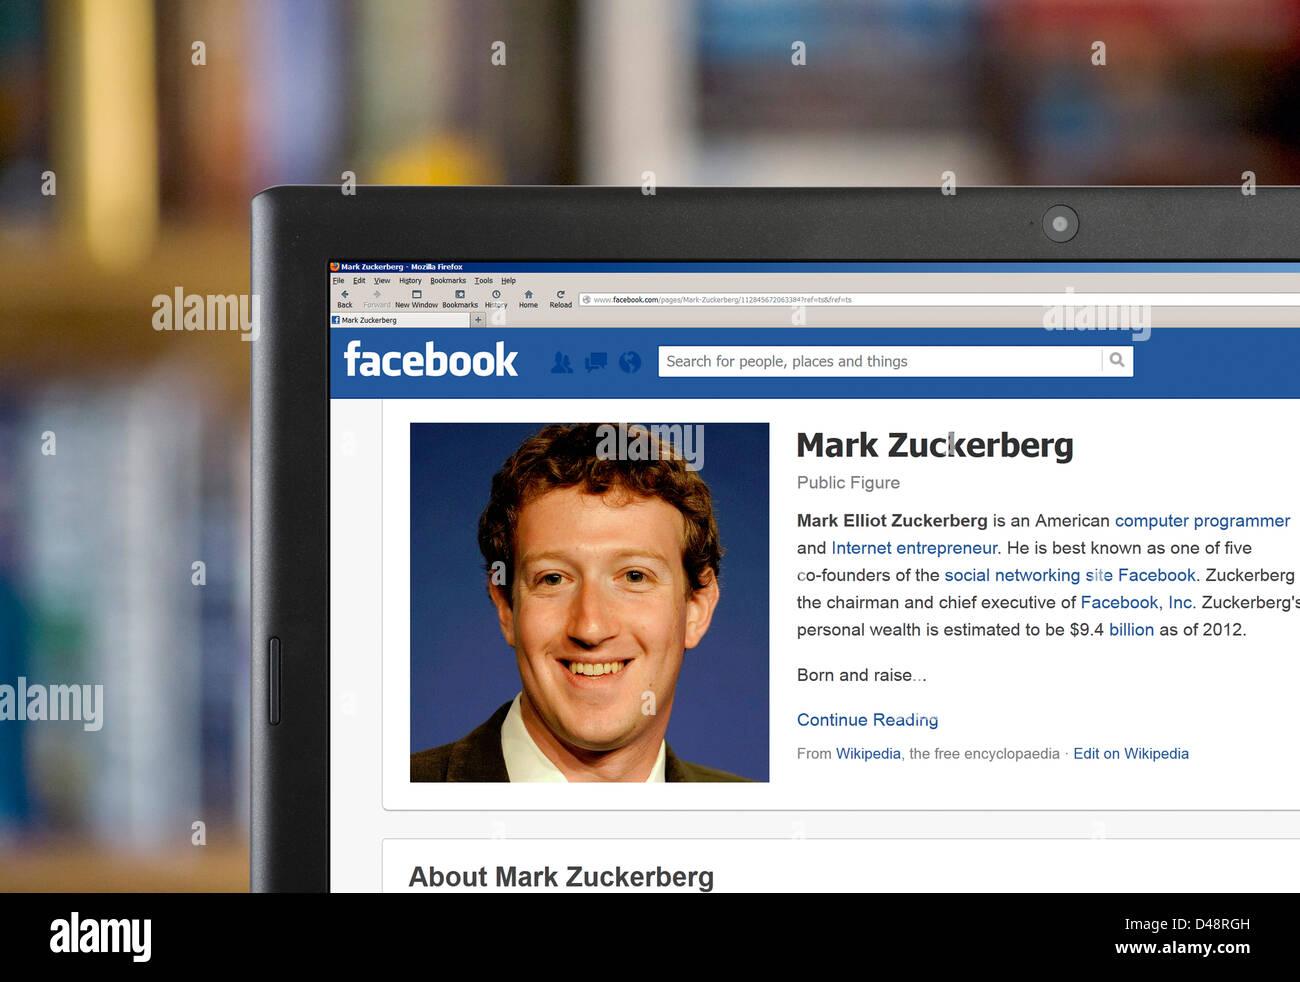 Le profil Facebook de Mark Zuckerberg, l'un des fondateurs, visibles sur l'ordinateur portable Photo Stock